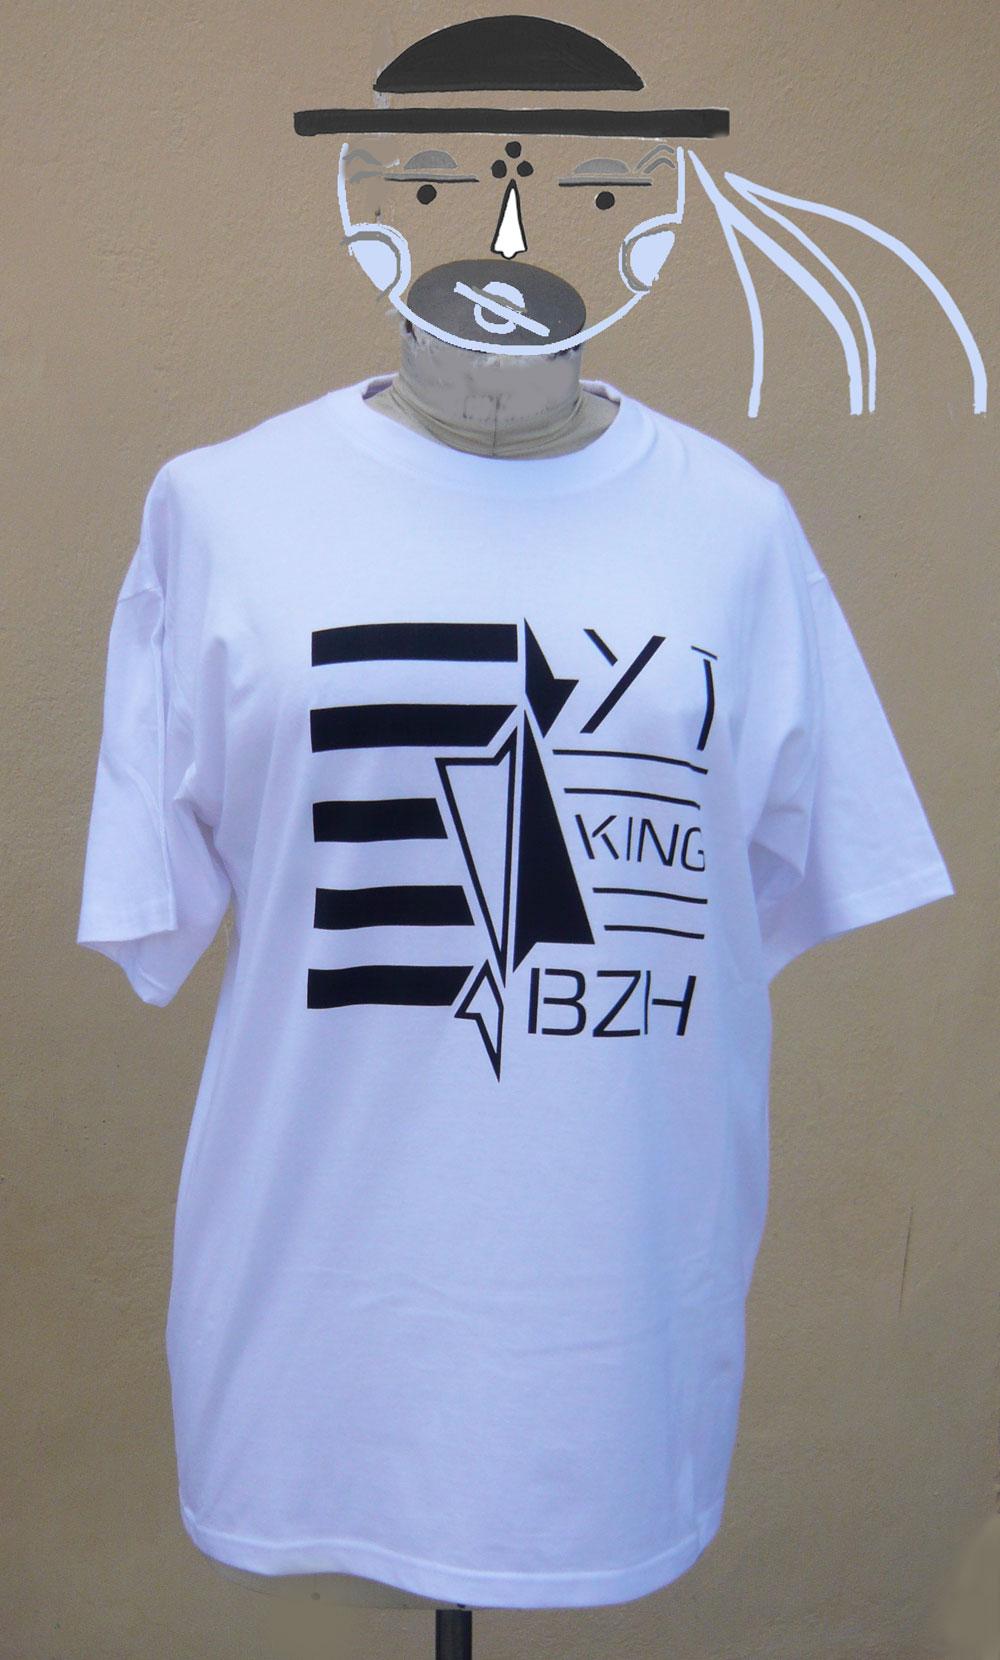 BZH-yi-king